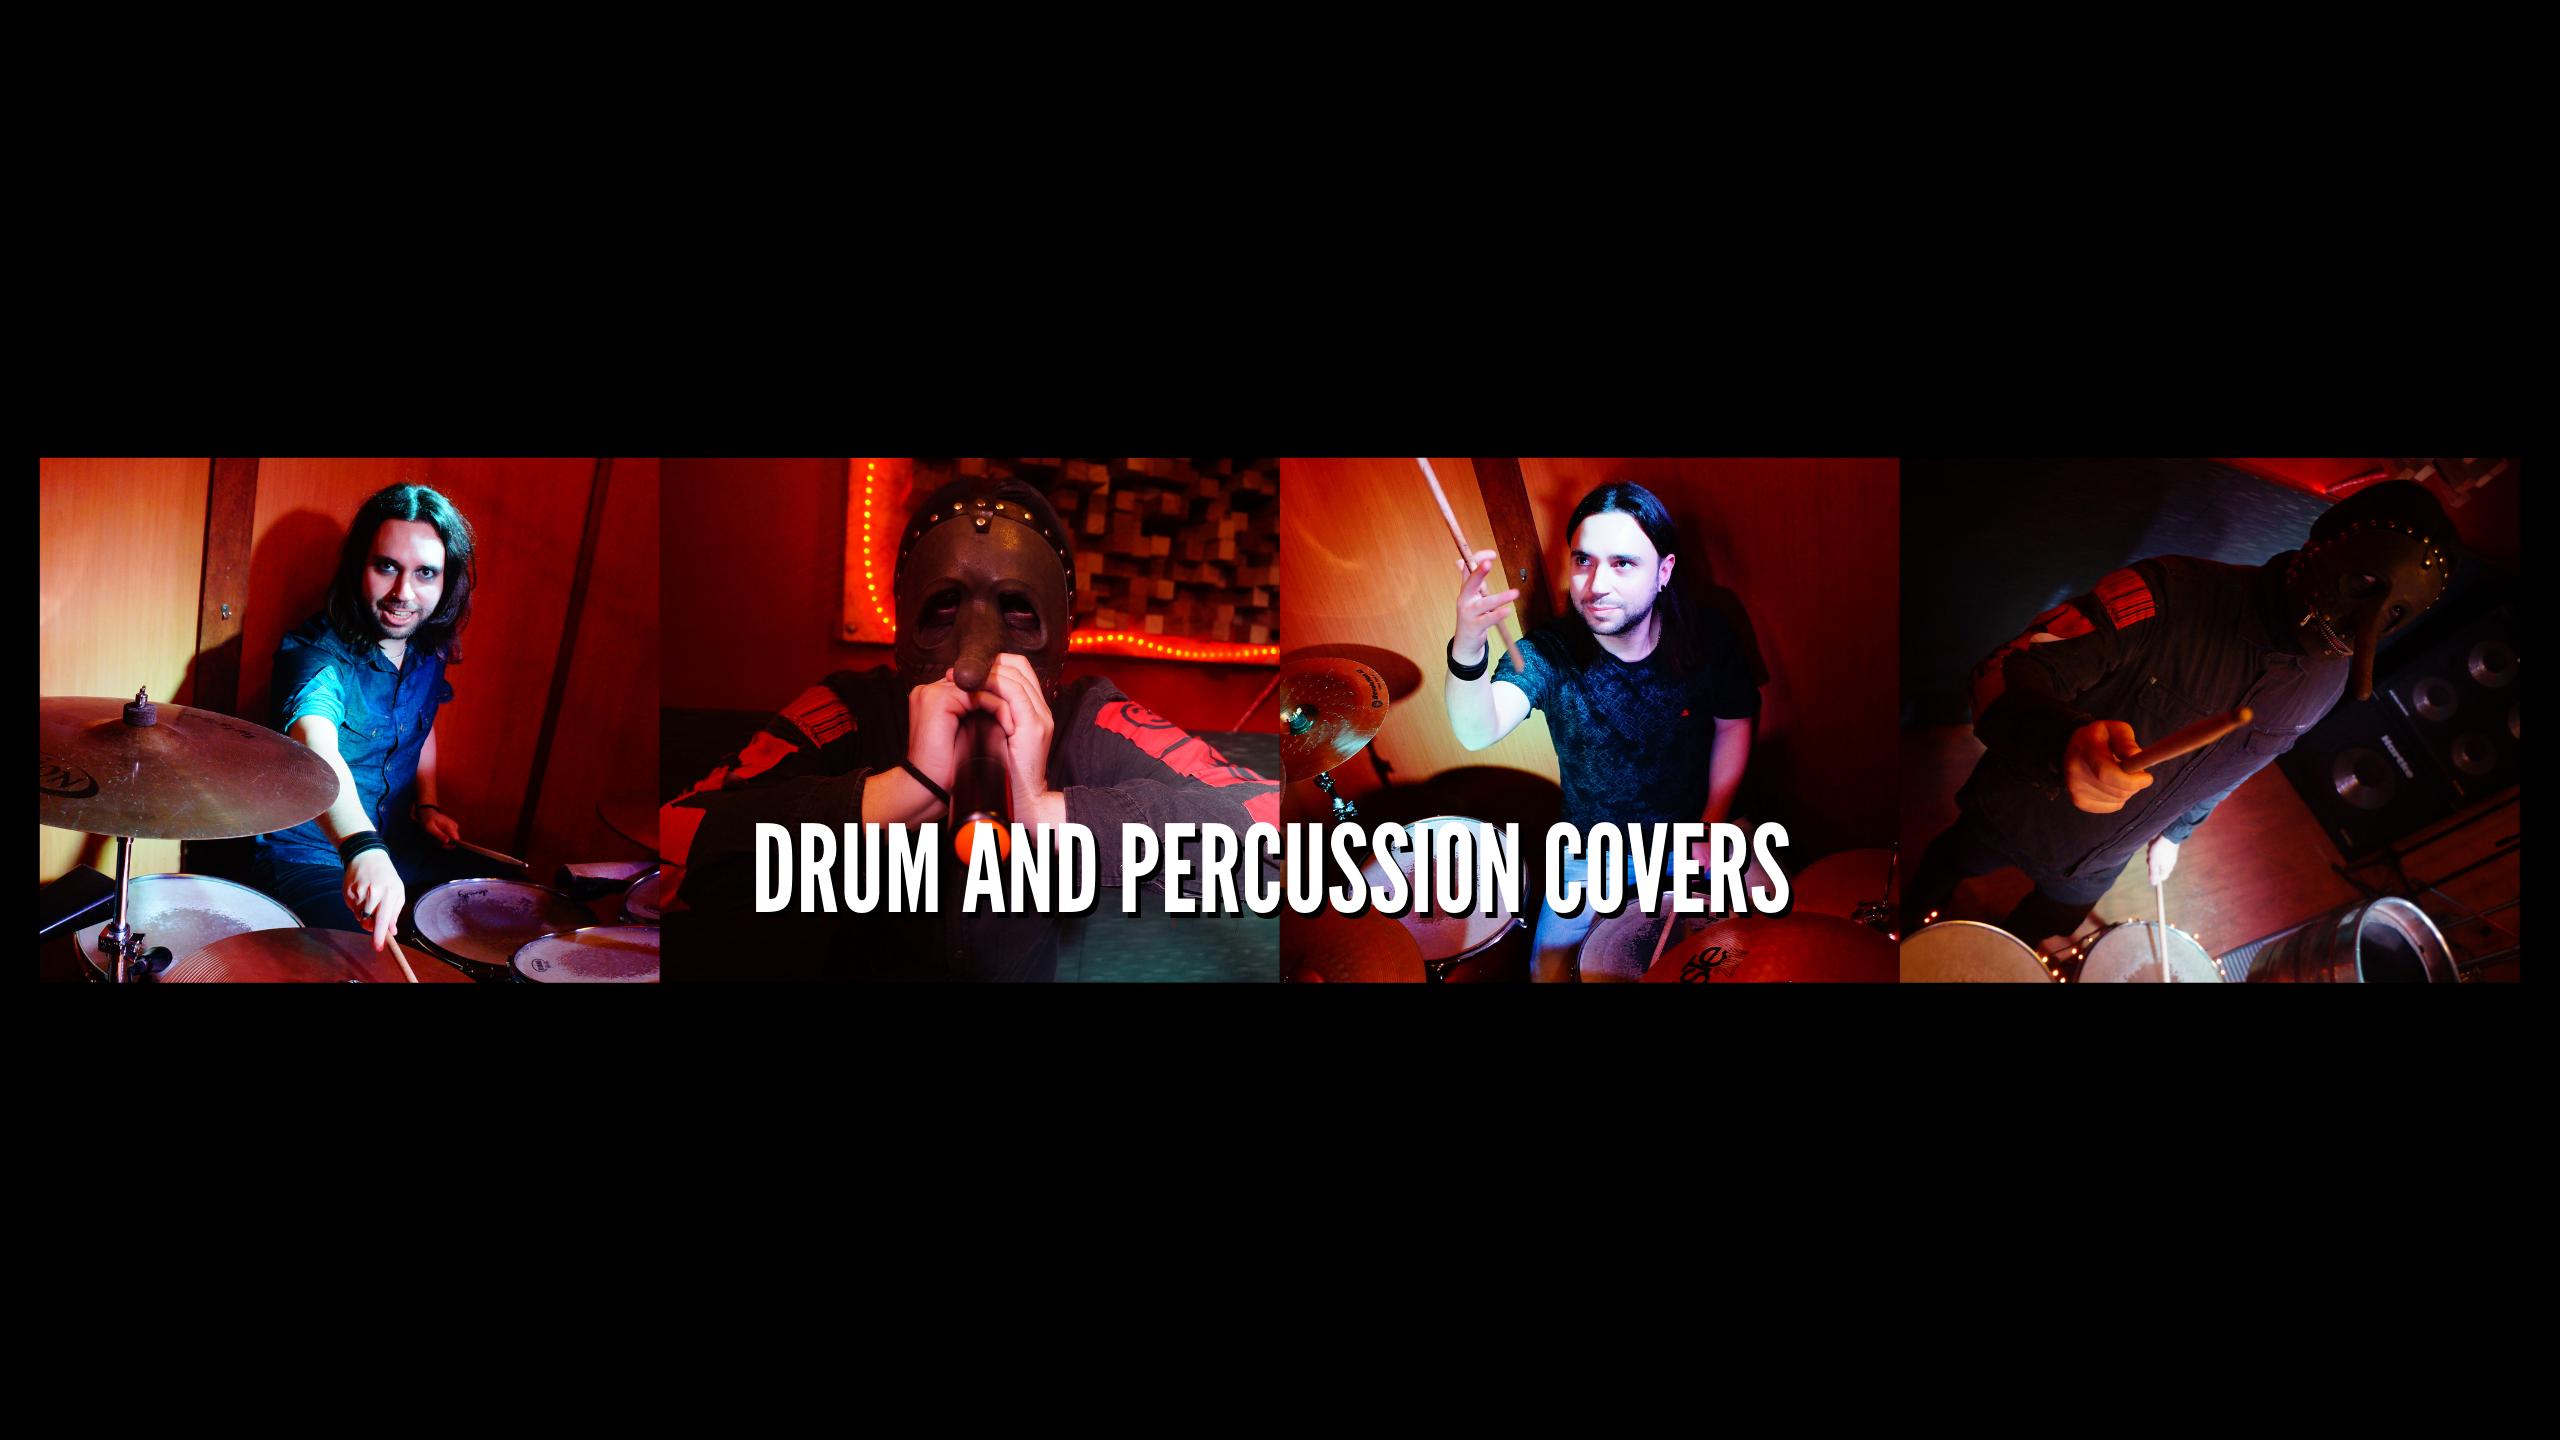 C%c3%b3pia de drums